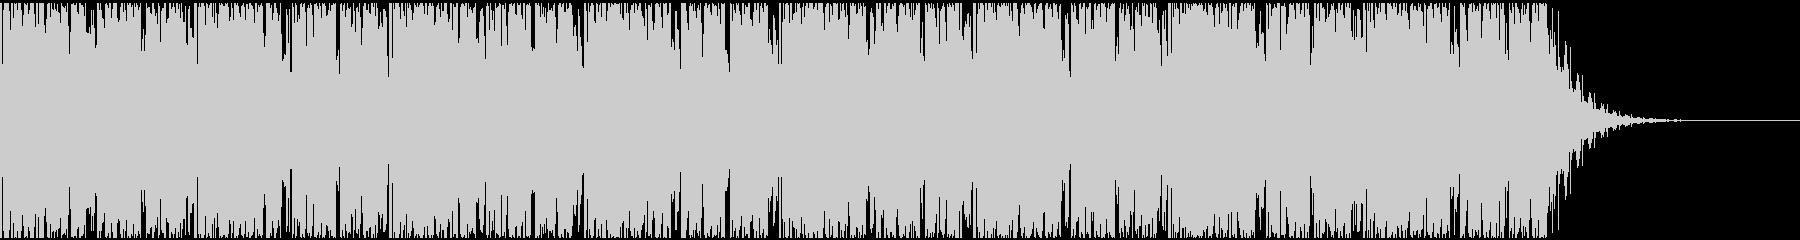 【EDM】ロング7、ミディアム1の未再生の波形